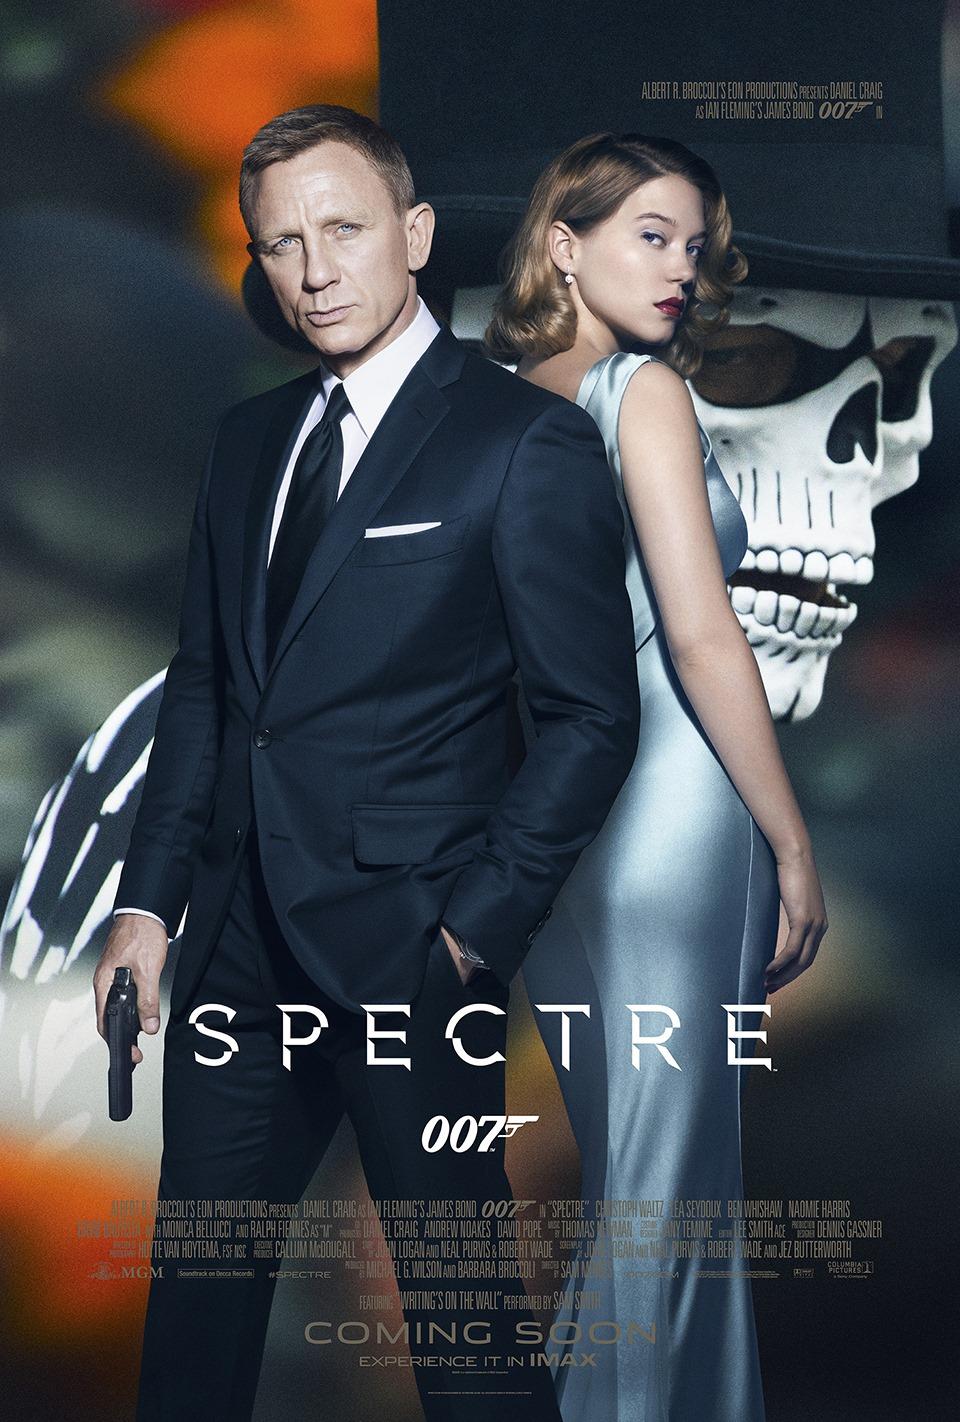 007-spectre-affiche